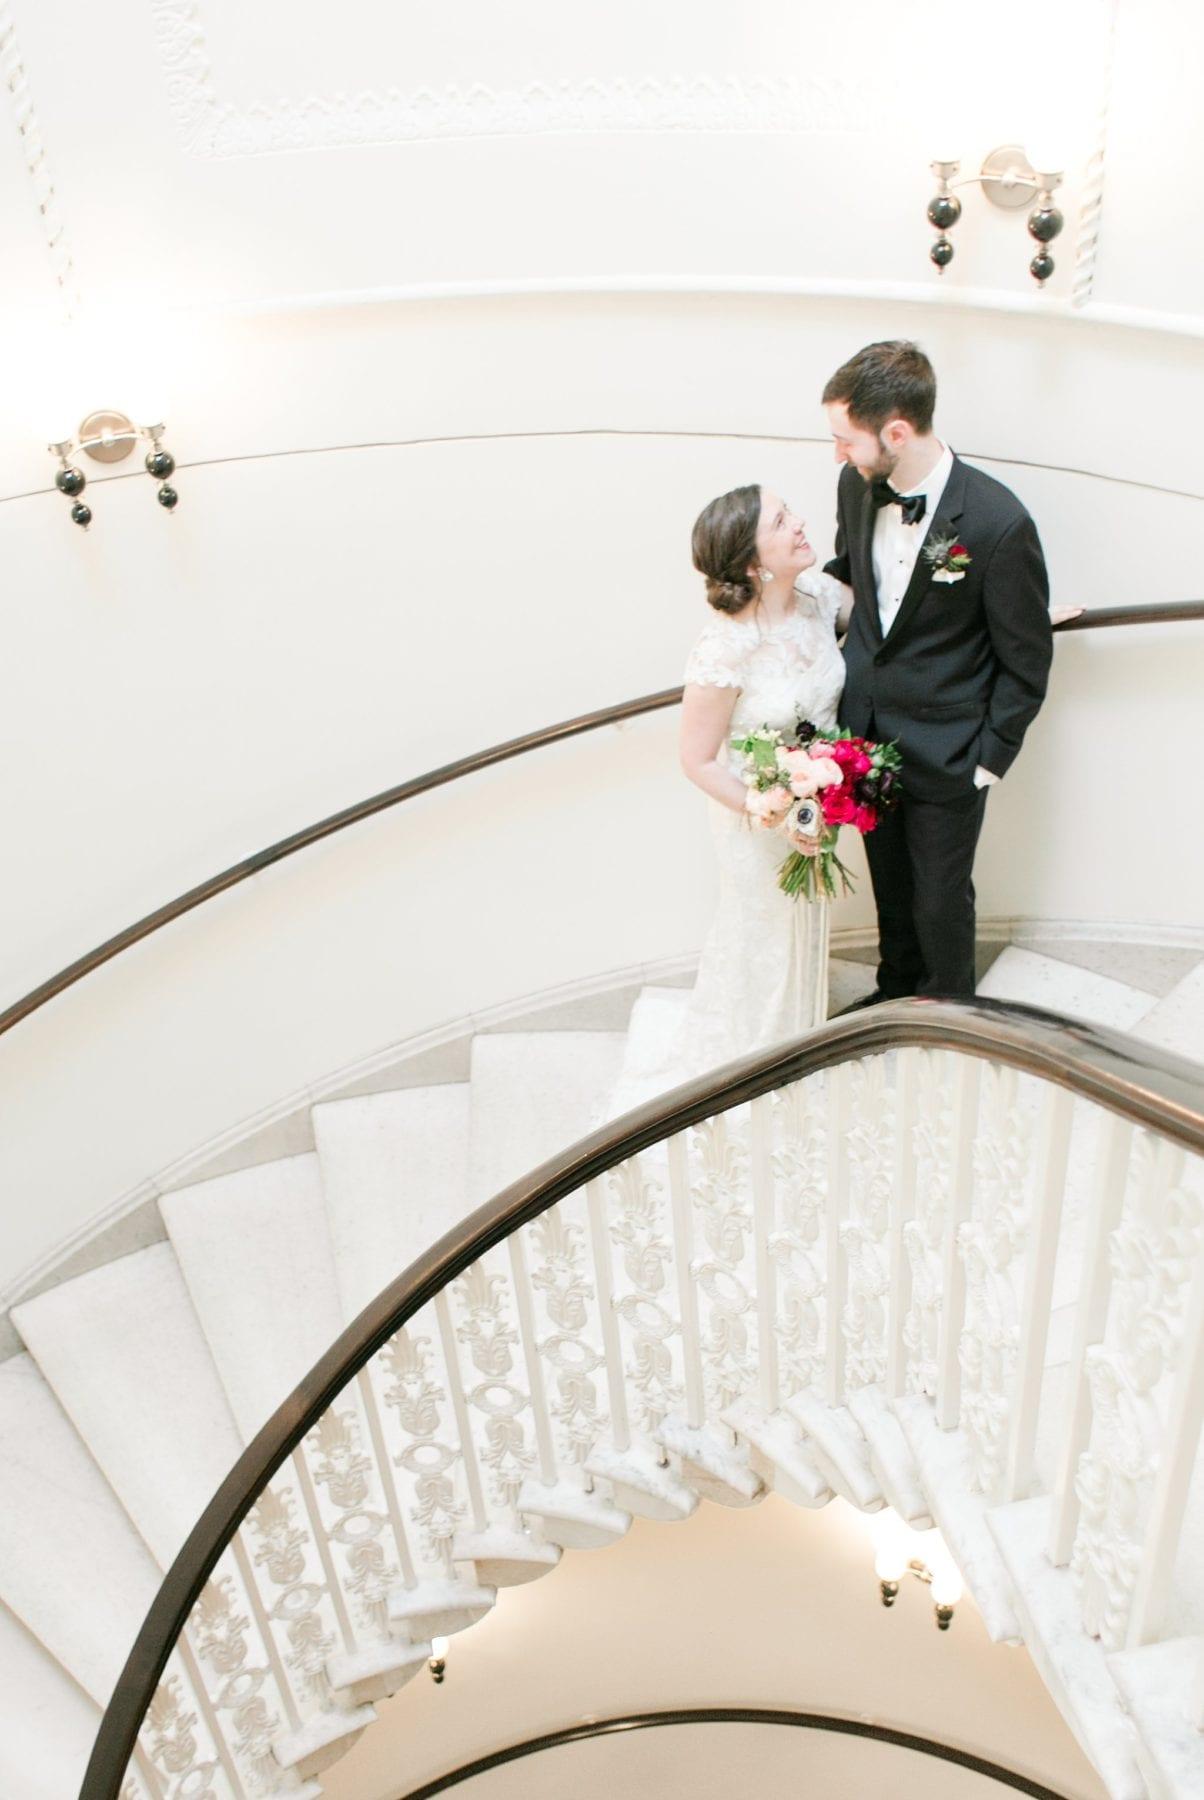 Hotel Monaco Washington DC Wedding Photos Megan Kelsey Photography Erin & Mike -68